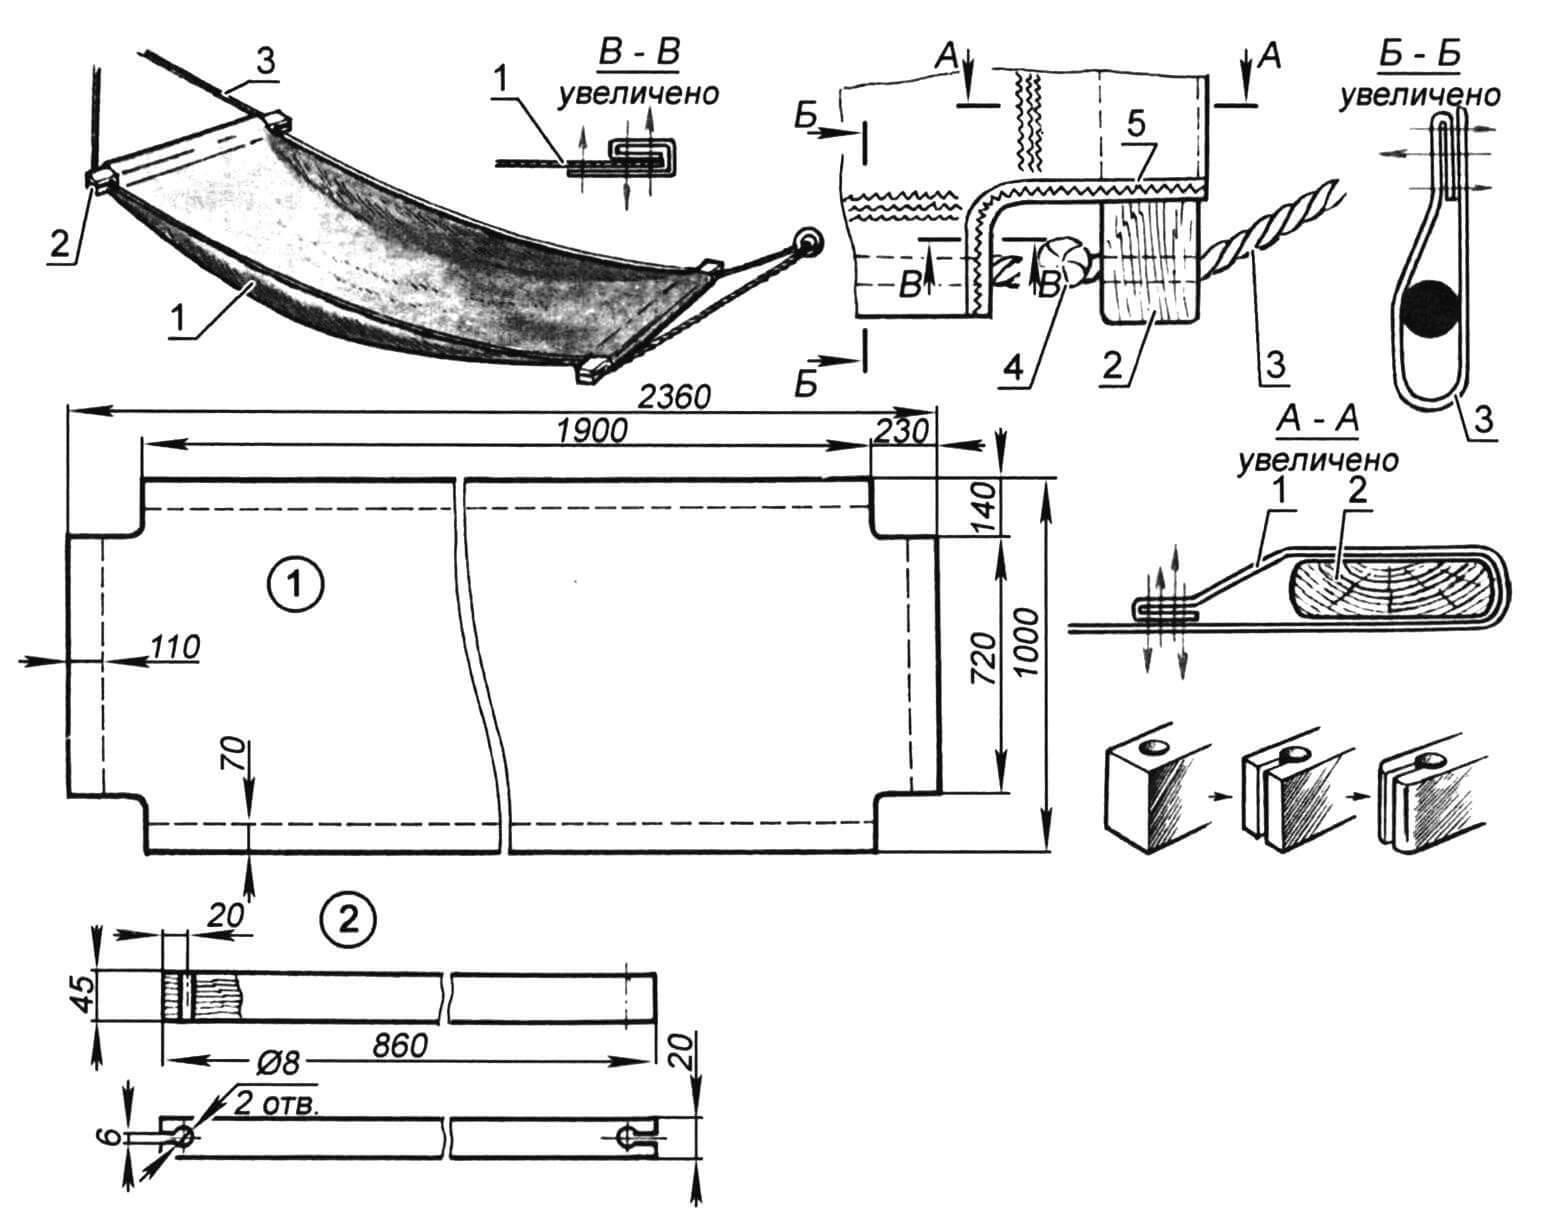 Самодельный гамак: 1 - основание (брезент, авизент); 2 - поперечина (2 шт.); 3 - шнур; 4 - узел стопорный (4 шт.); 5 - накладка усиливающая (4 шт.)